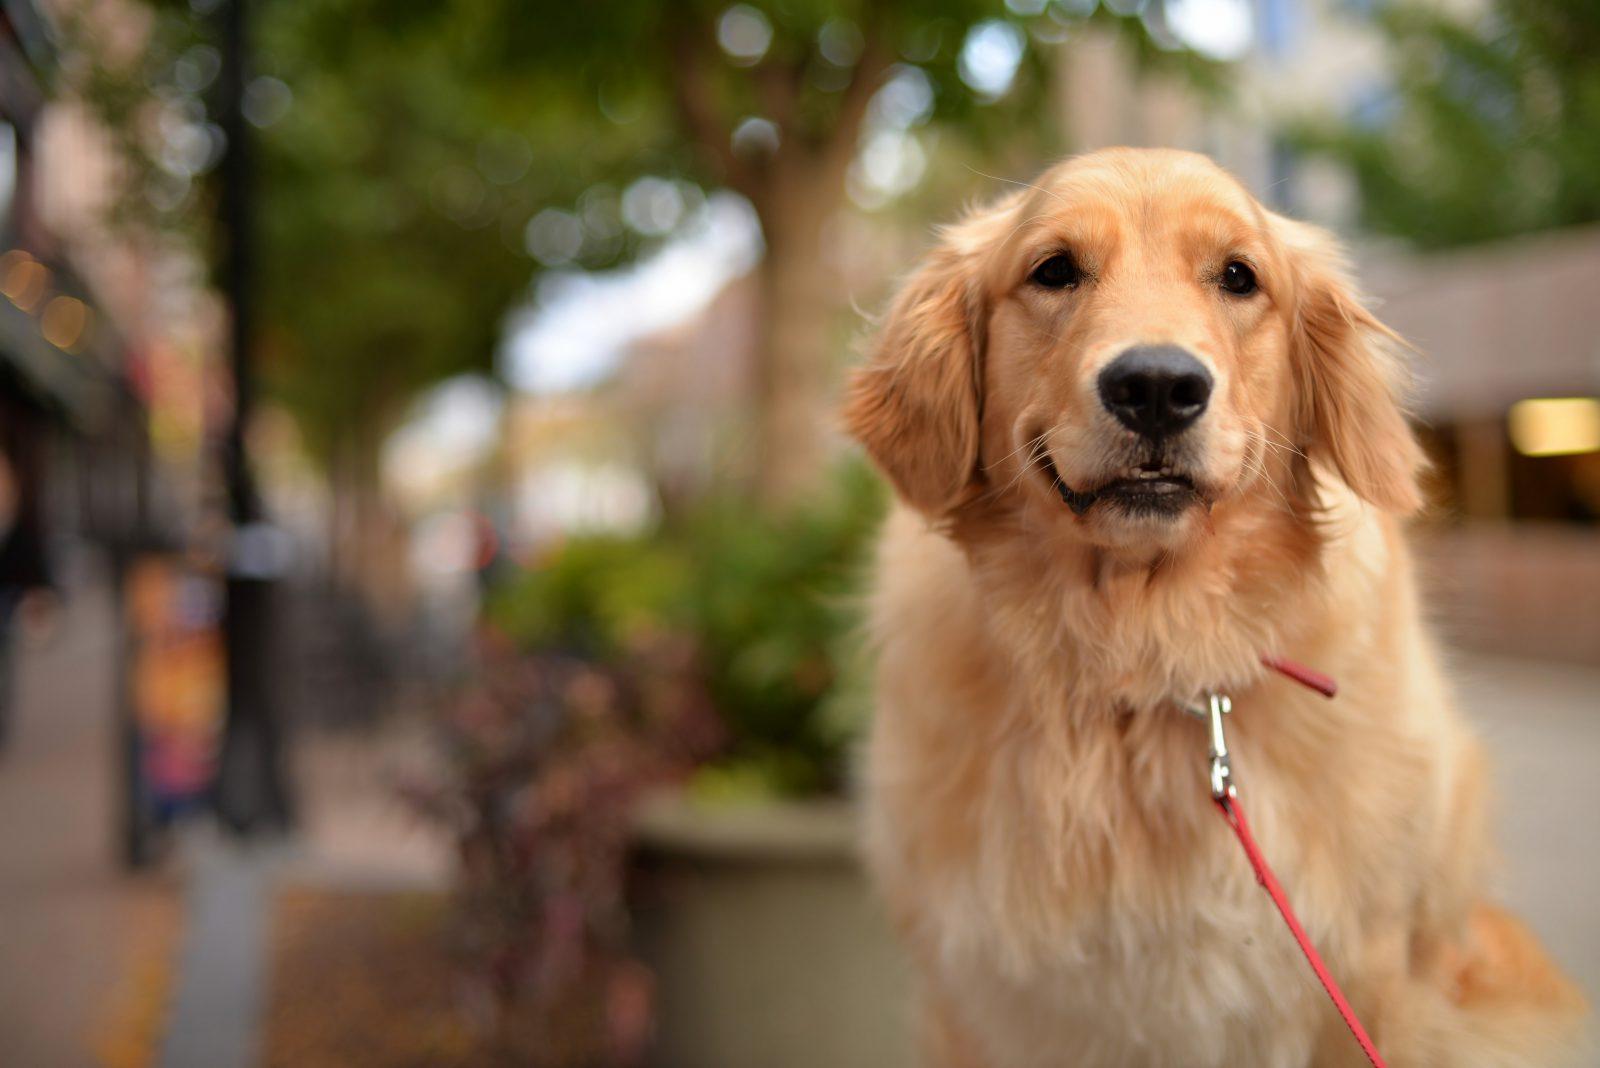 Cachorro latindo: Golden Retriever passeando na coleira com seu dono na rua.